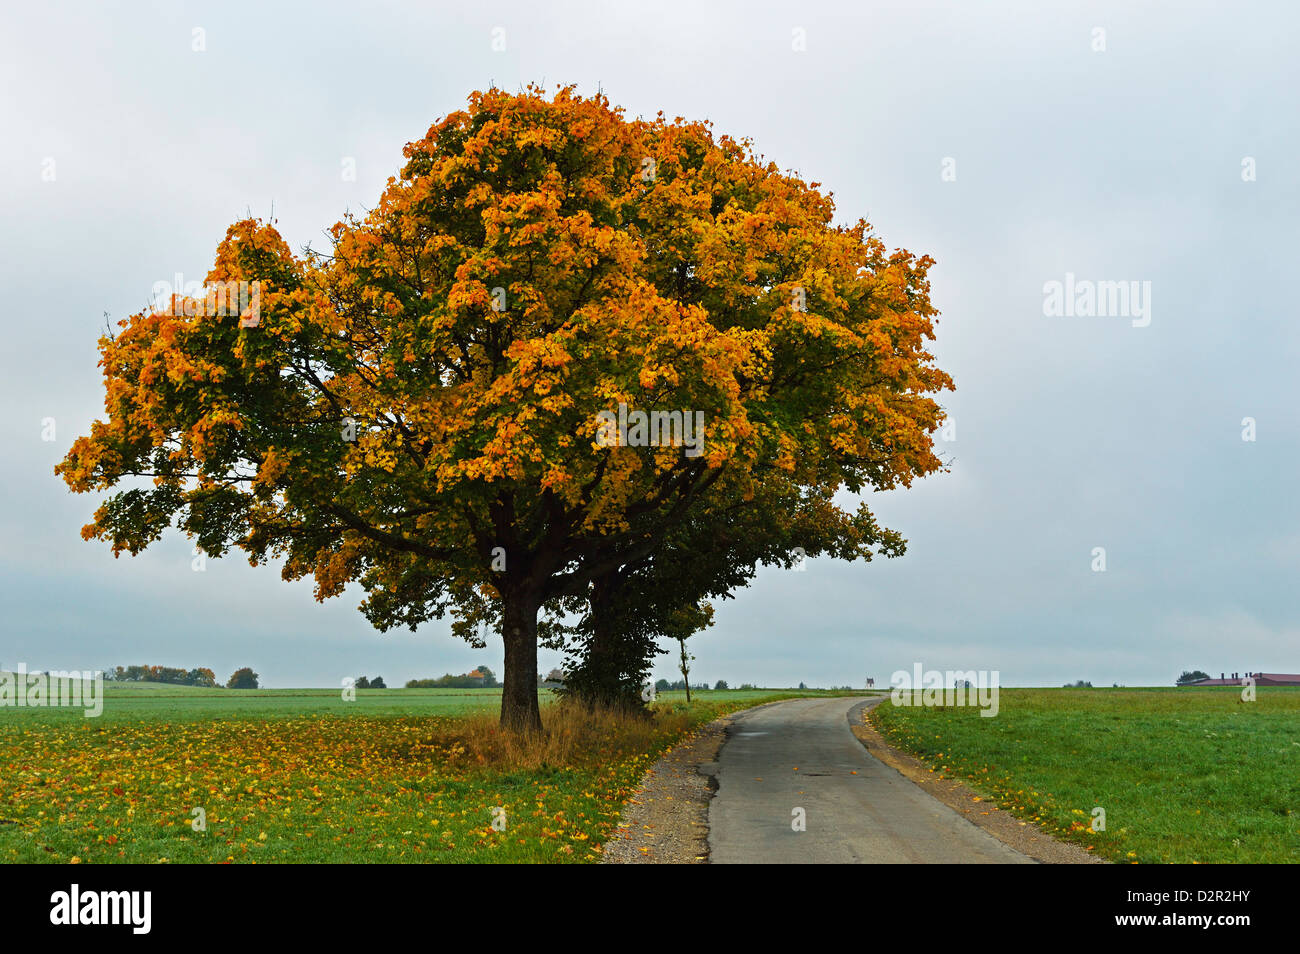 Ahornbaum mit Herbstfarben, in der Nähe von Villingen Schwarzwald Schwarzwald-Baar, Baden-Wurttemberg, Deutschland, Stockbild